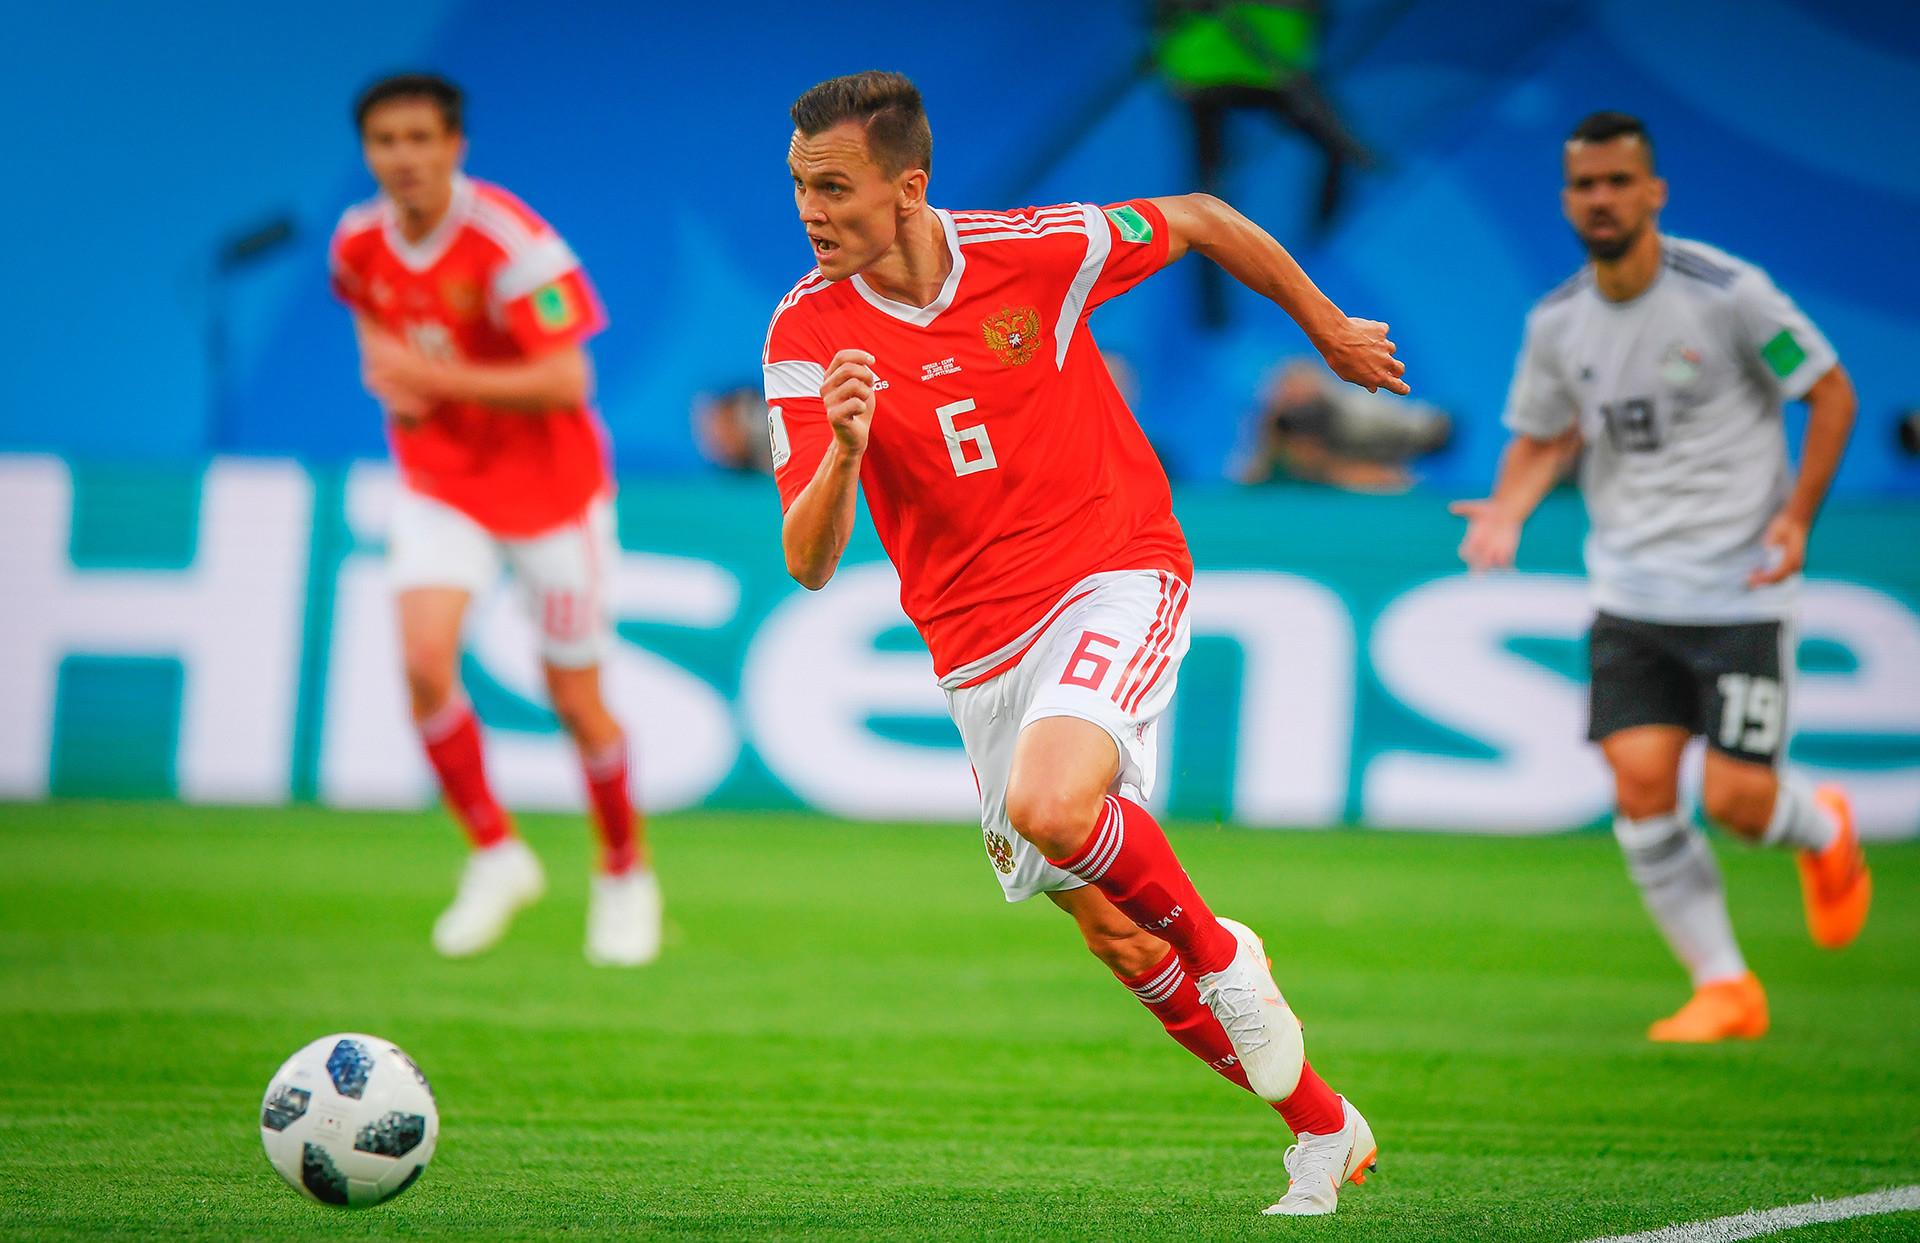 Denis Cheryshev, penyerang terbaik tim Rusia dalam pertandingan. Ia Mencetak gol melawan Arab Saudi (dua kali), Mesir, dan Kroasia.